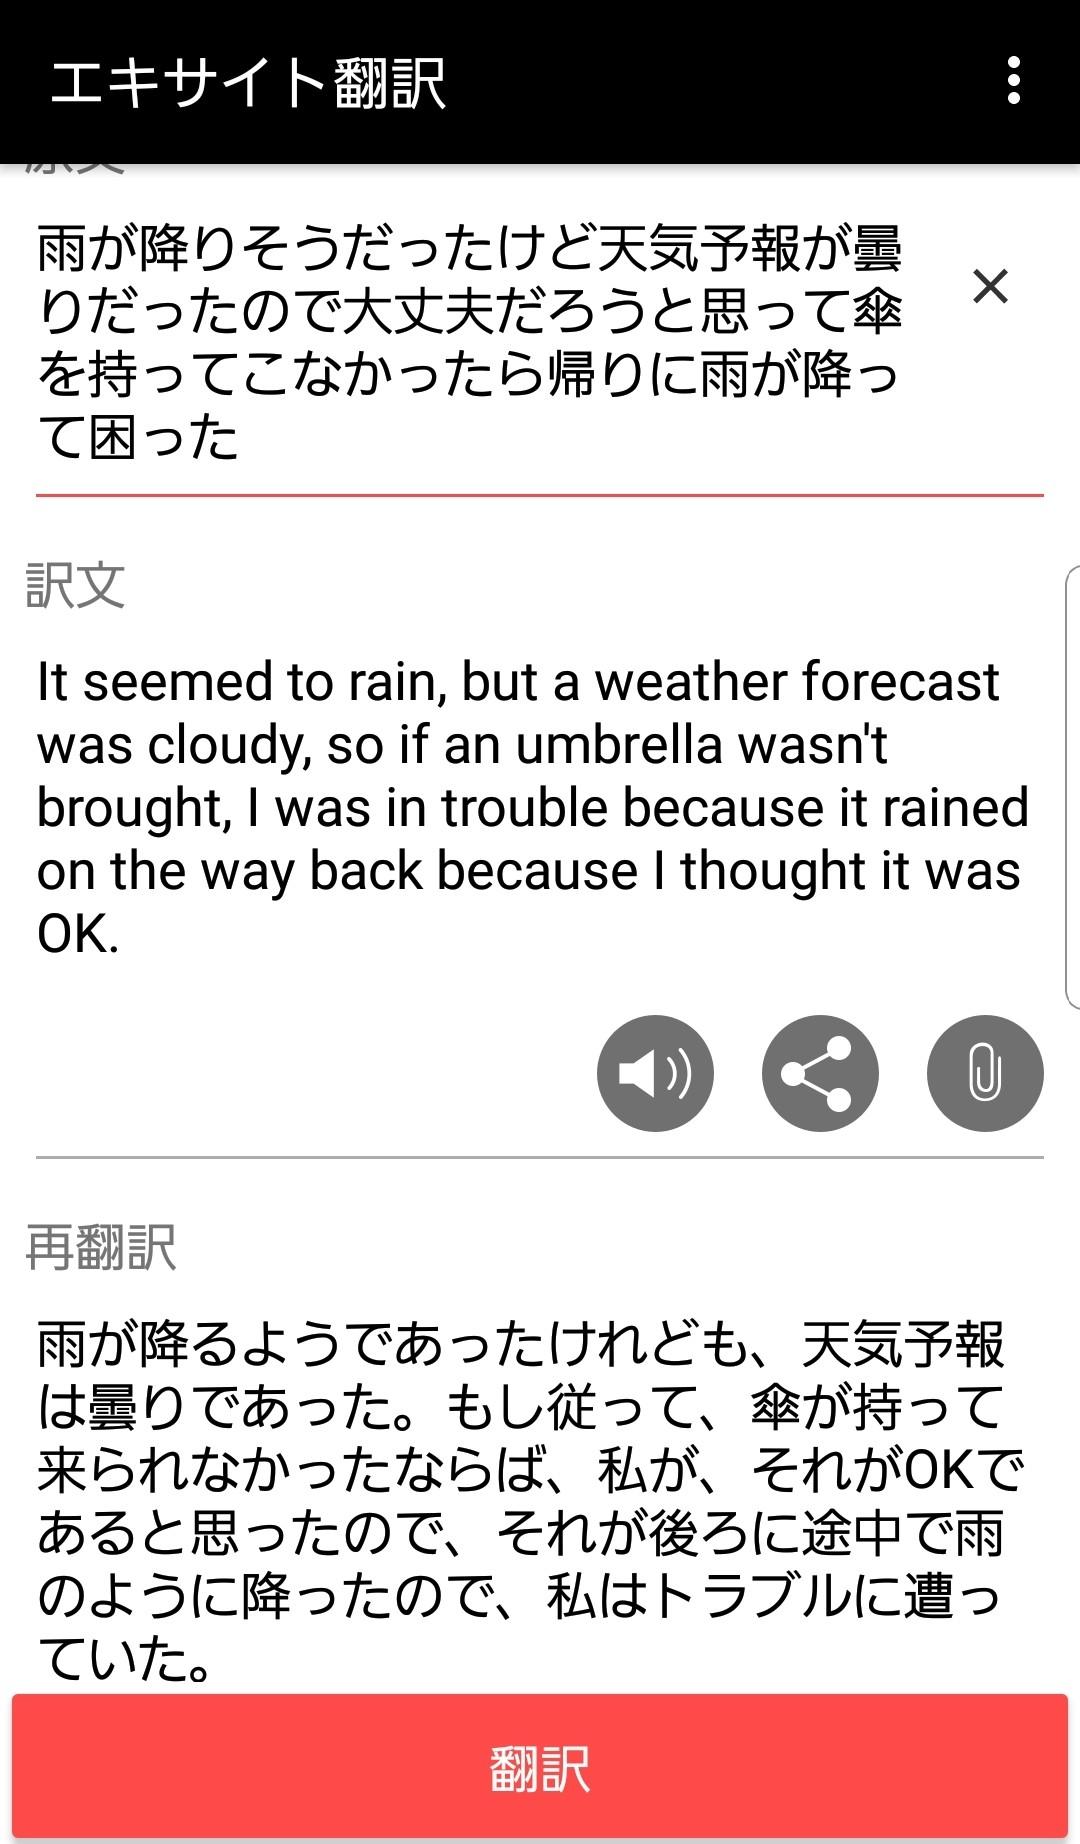 エキサイト翻訳アプリの使い方